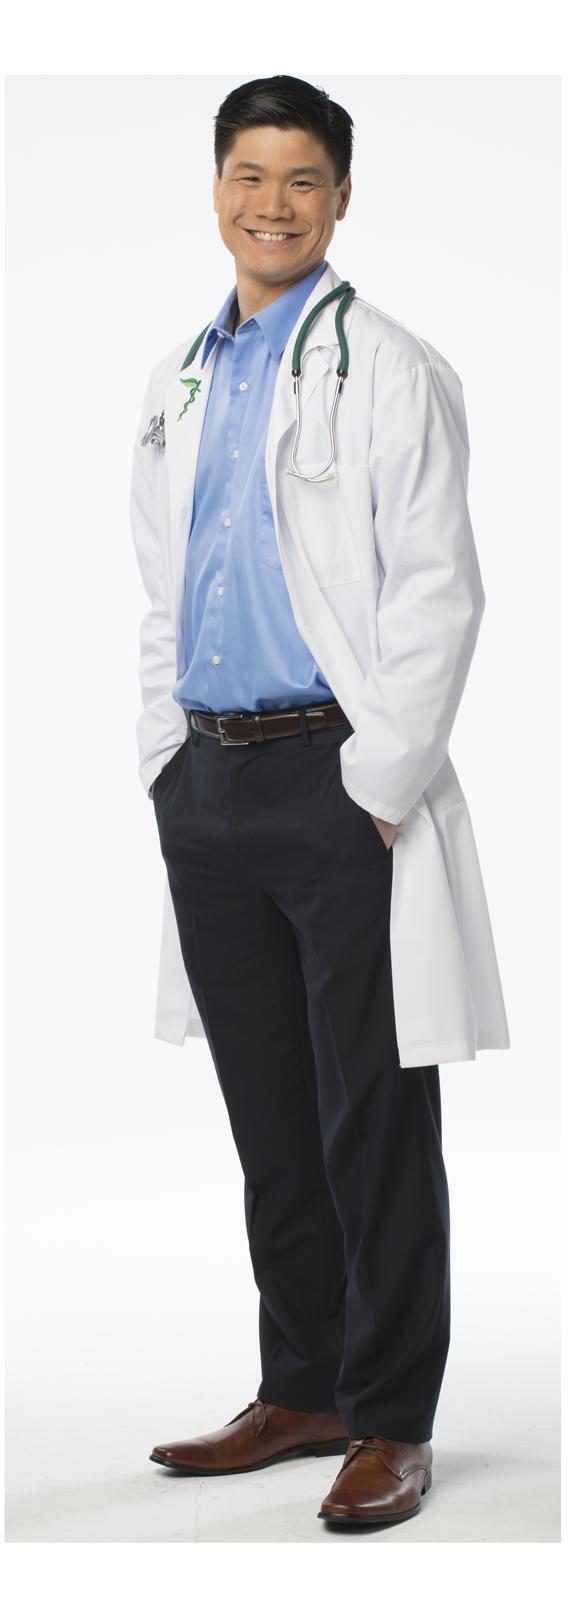 Dr_Jason_Marr-Trimmed-2